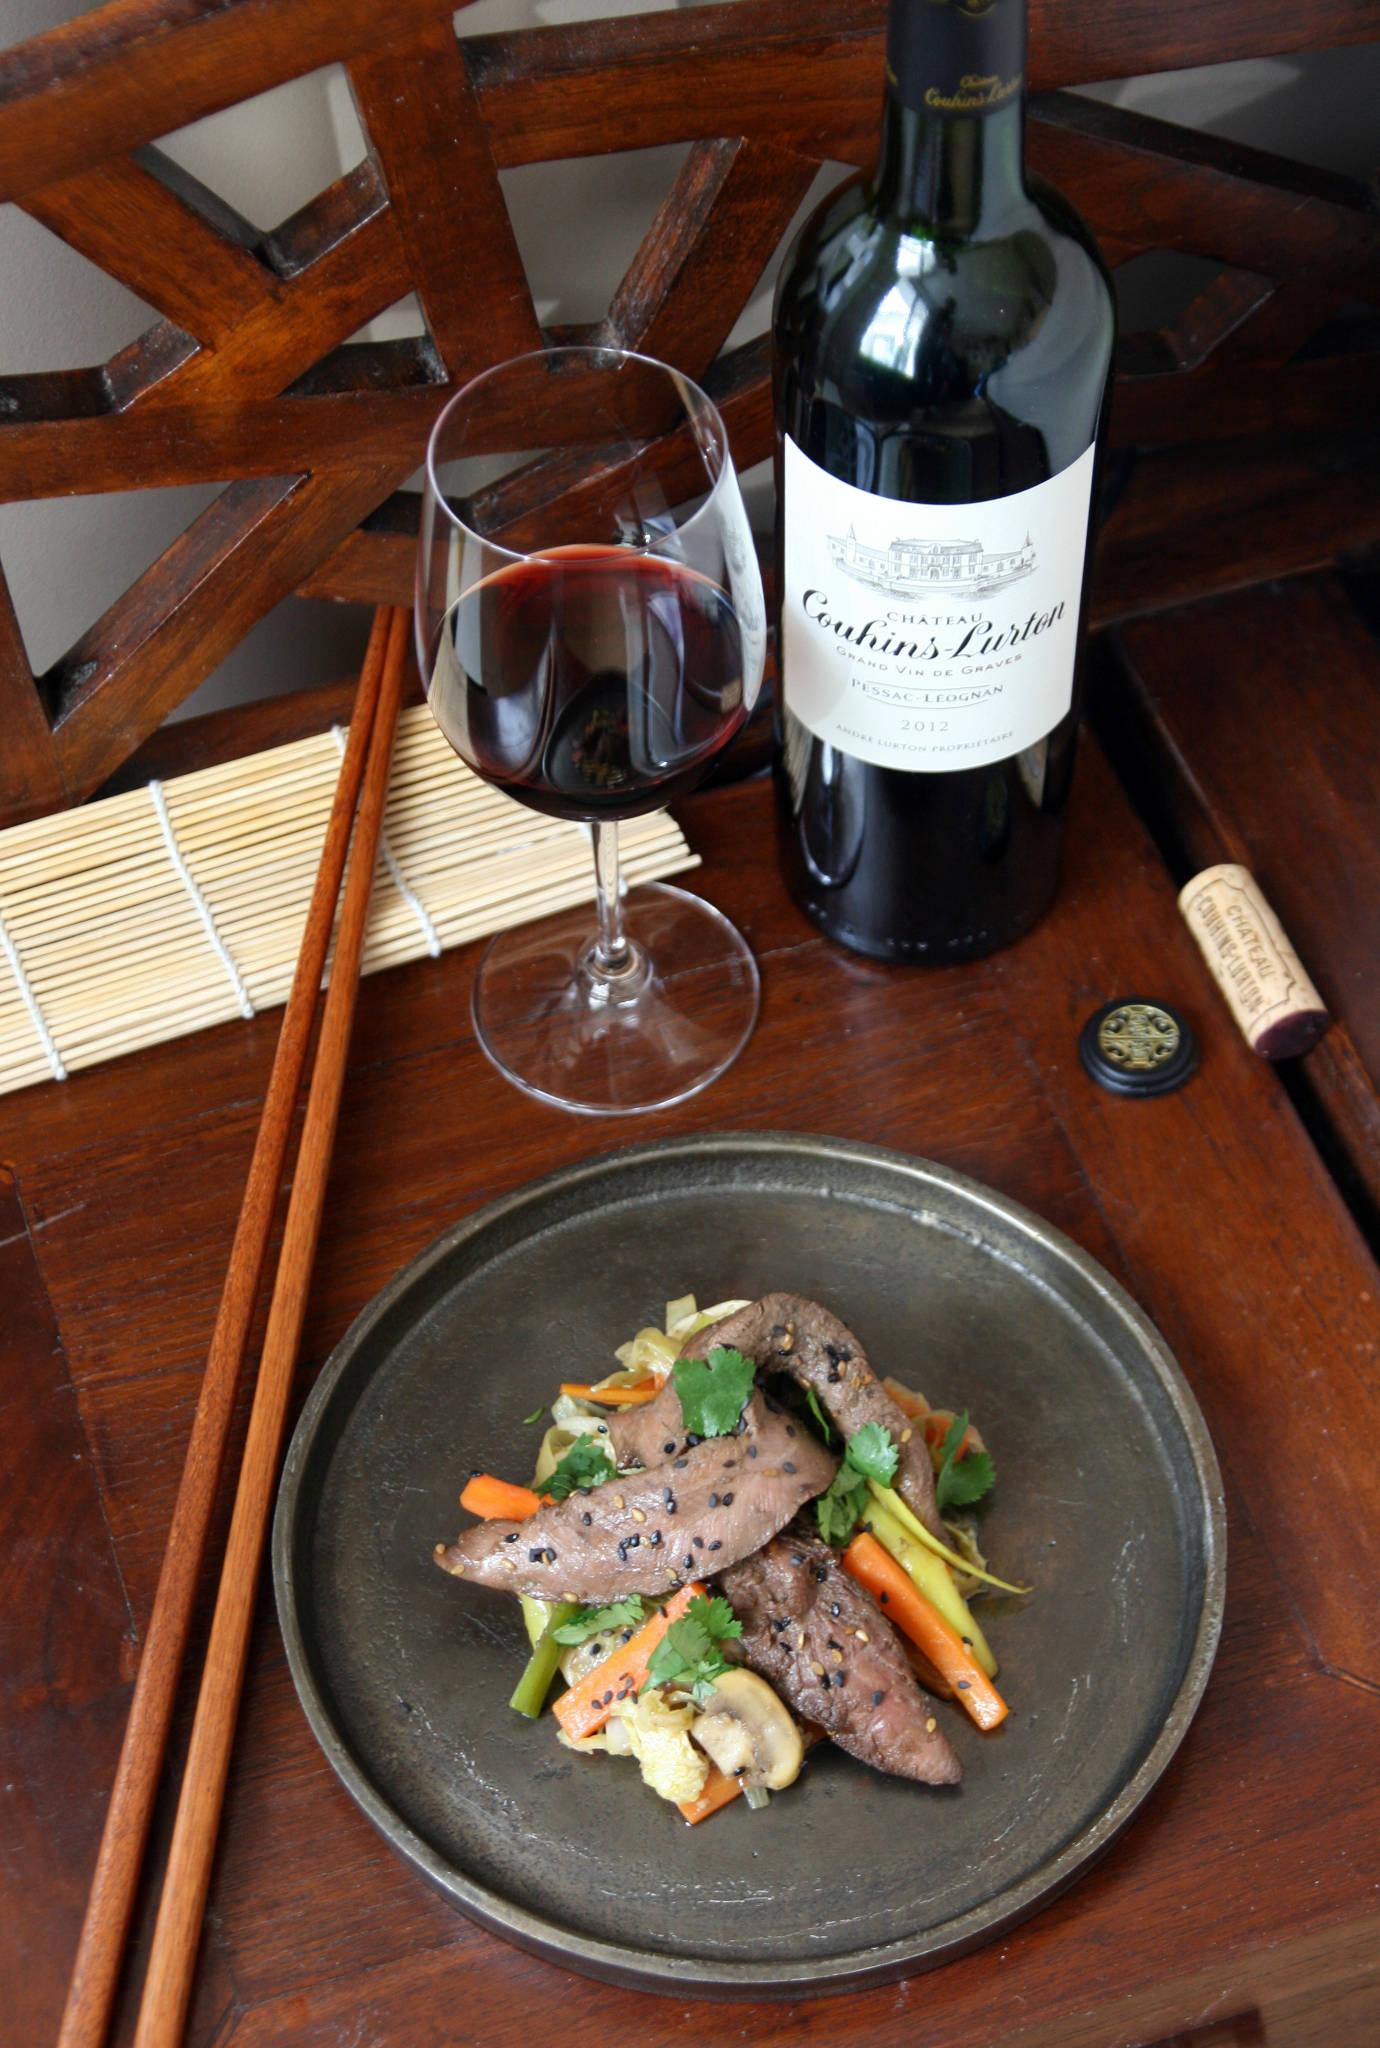 Wok de canard aux légumes d'hiver, Château Couhins-Lurton rouge 2012